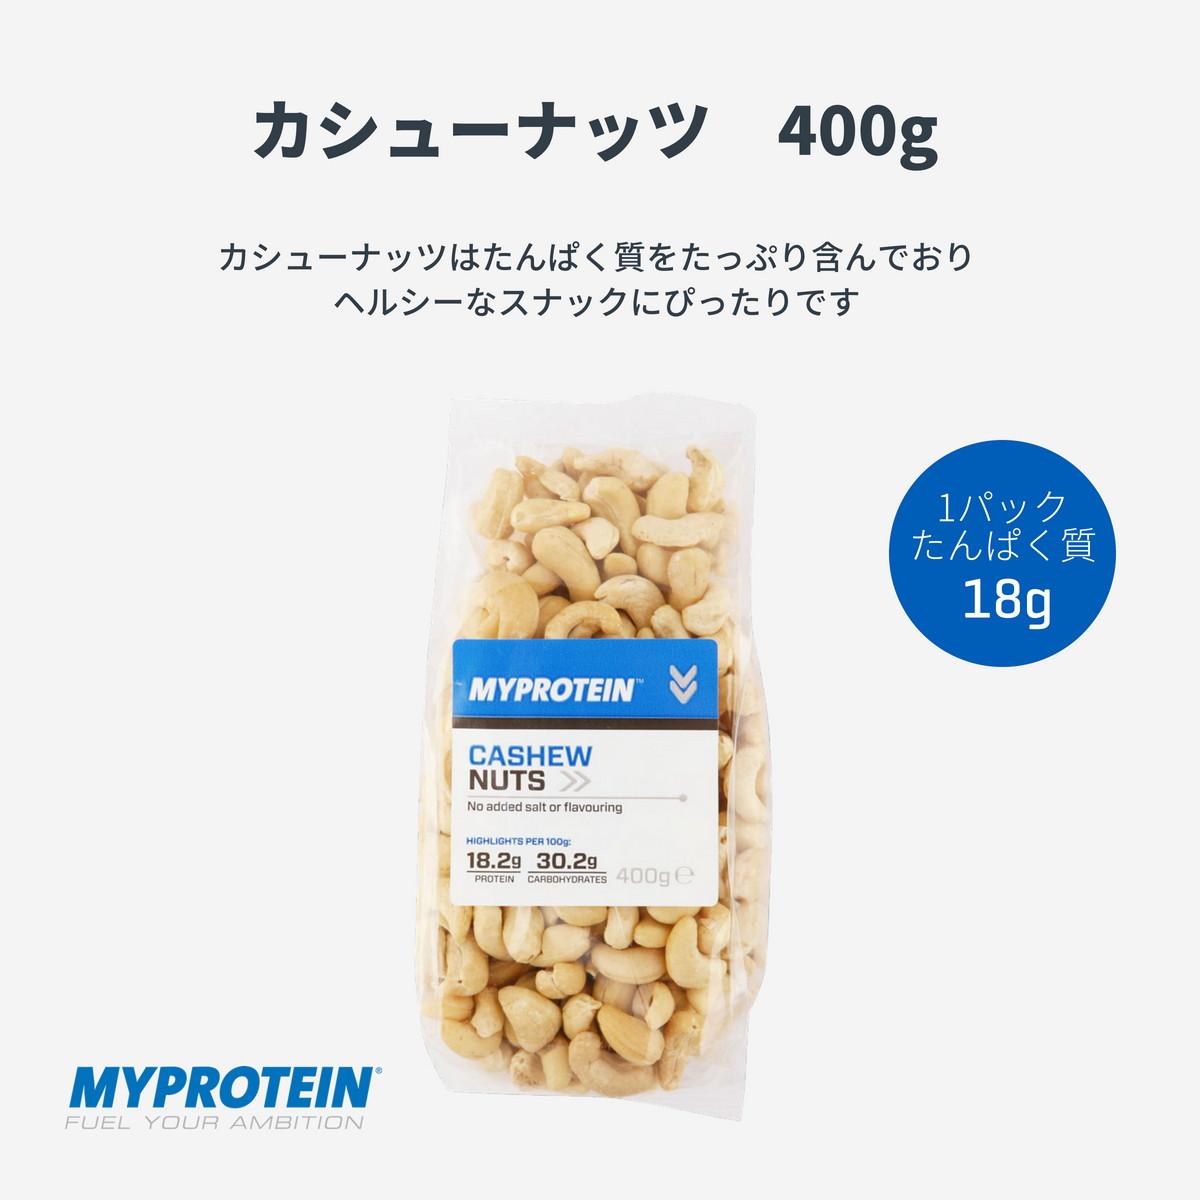 マイプロテイン 公式 【MyProtein】 カシューナッツ 400g| ナッツ ミックスナッツ 無添加 無塩【楽天海外直送】